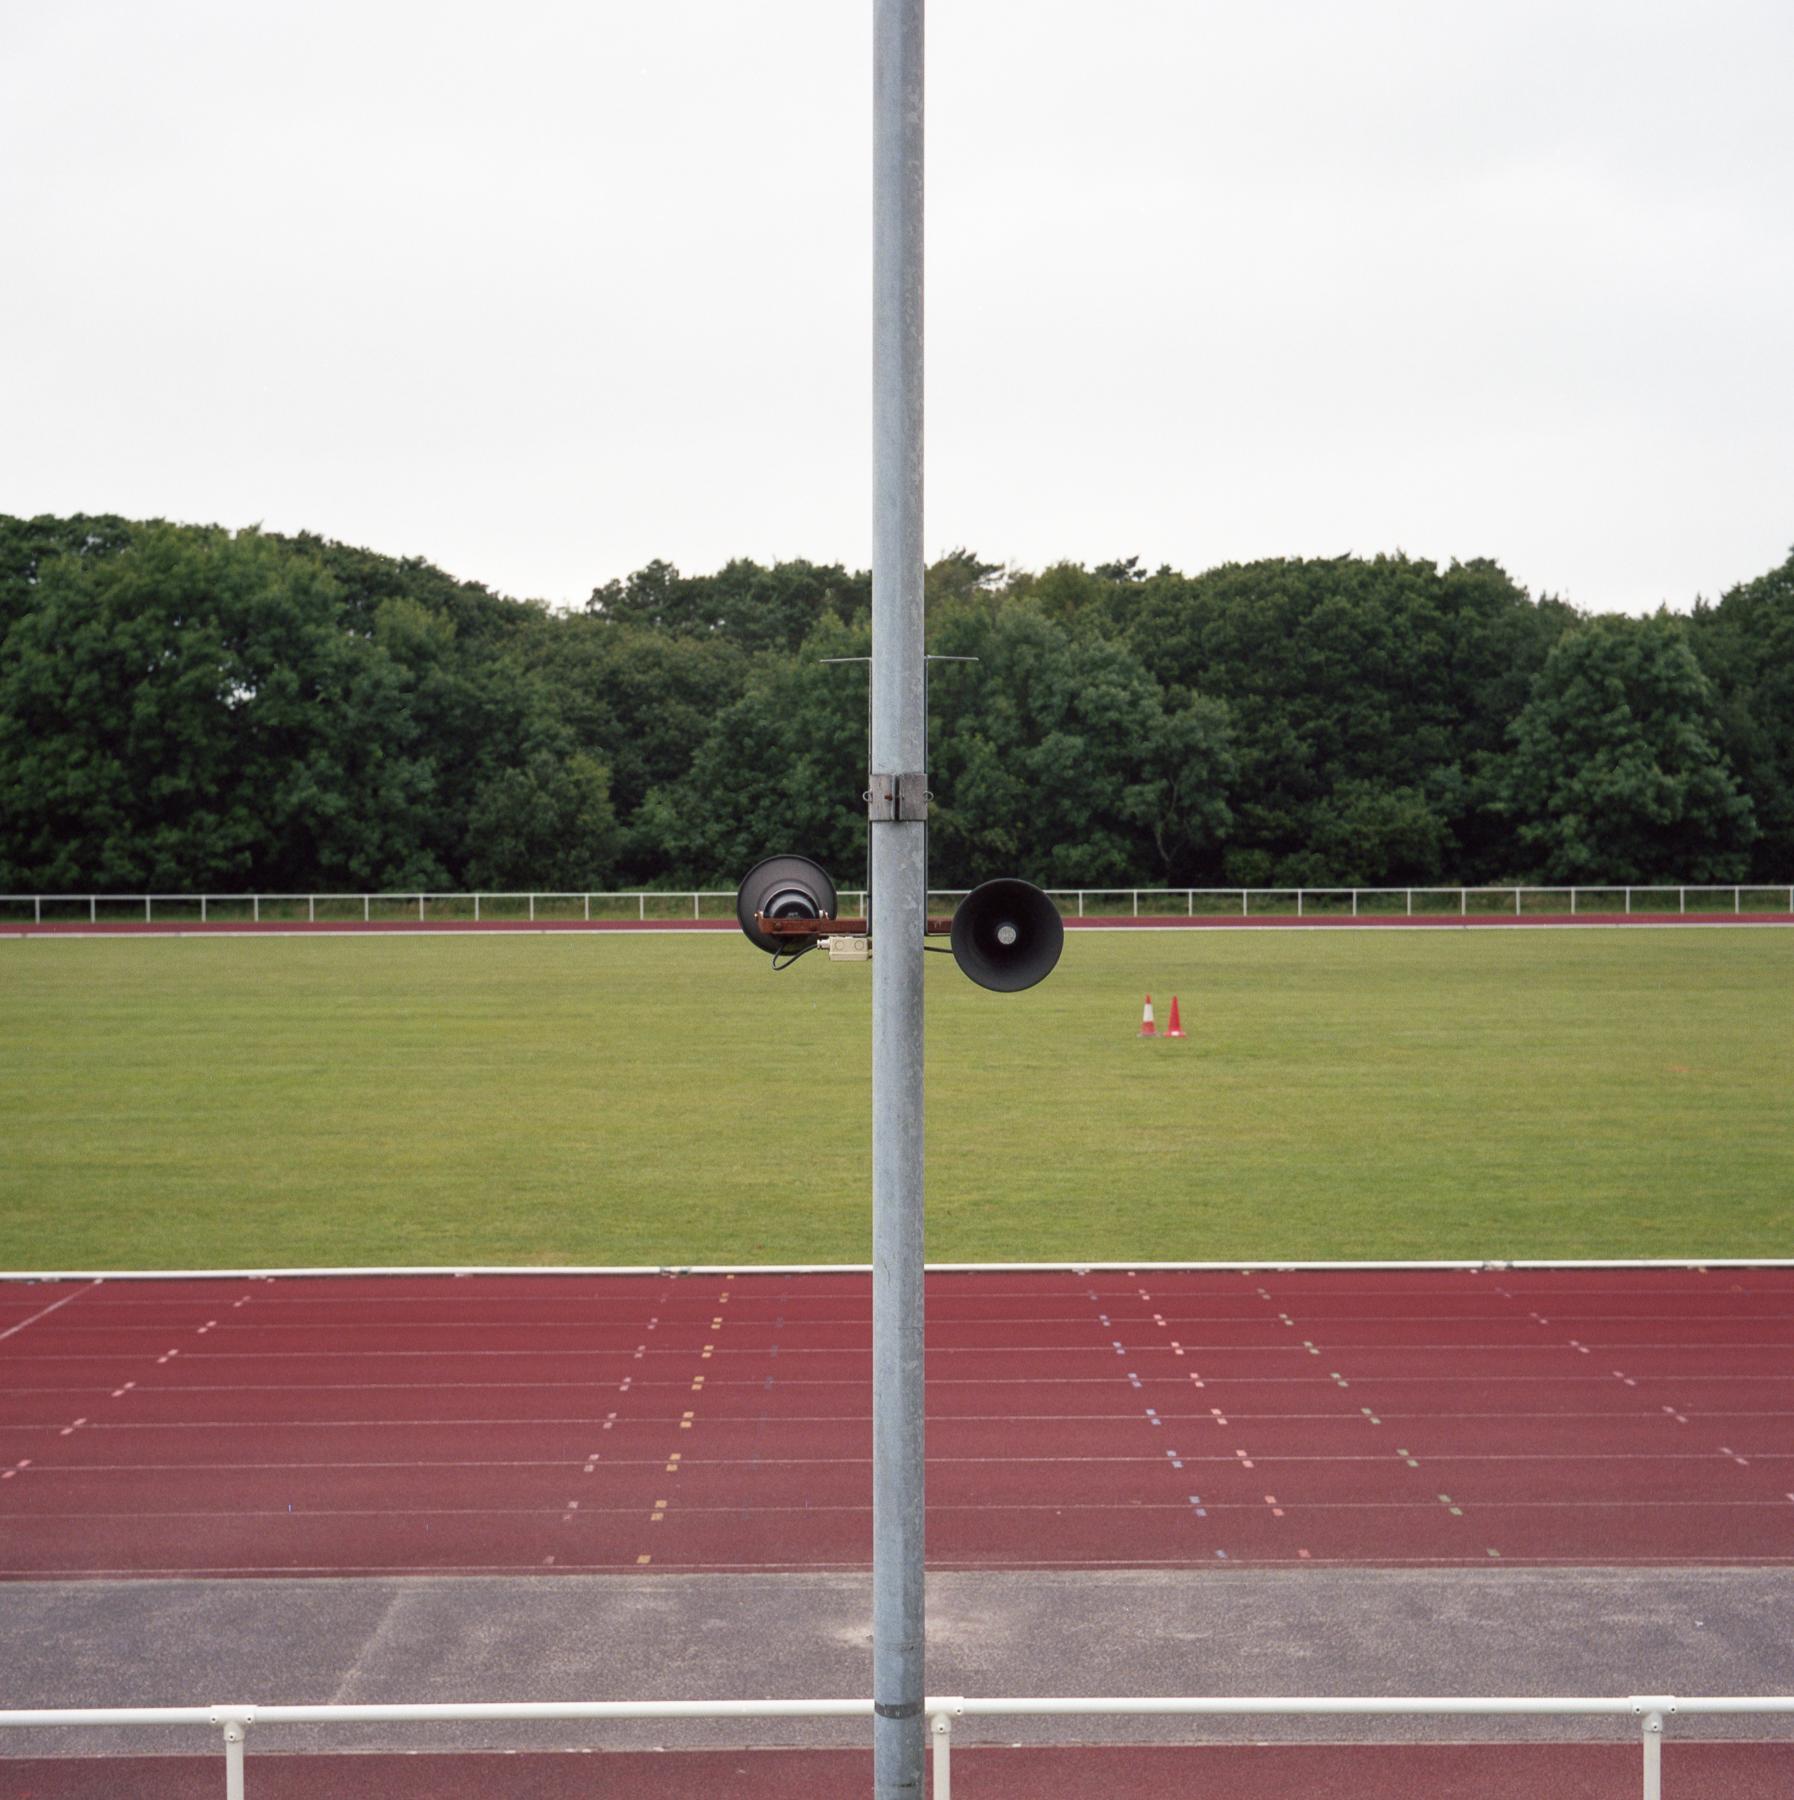 Track & Field | Minolta Autocord | Portra160 | Robert Law